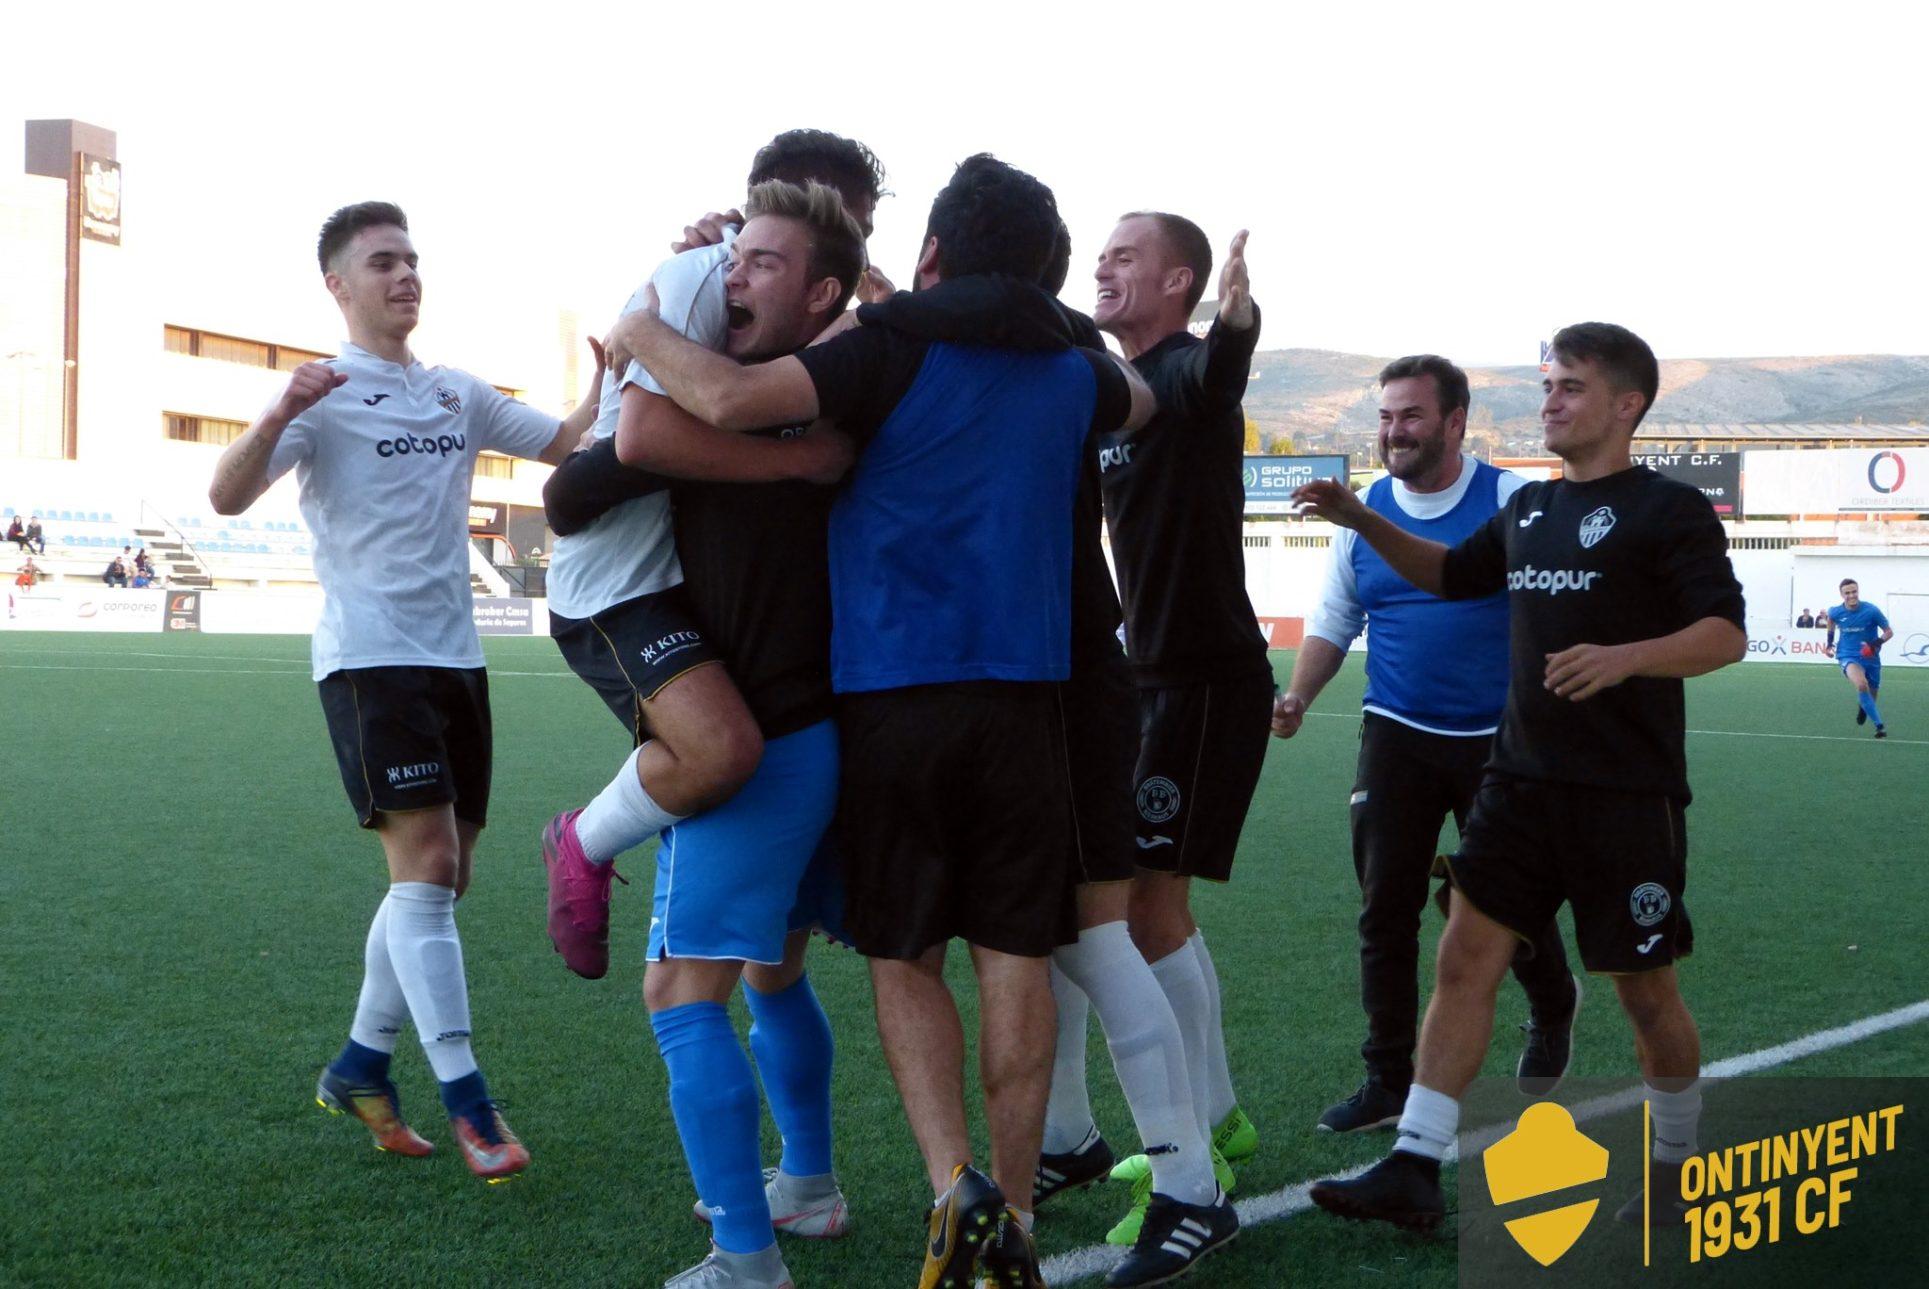 L'Ontinyent 1931 CF ja és, oficialment, equip de Primera Regional El Periòdic d'Ontinyent